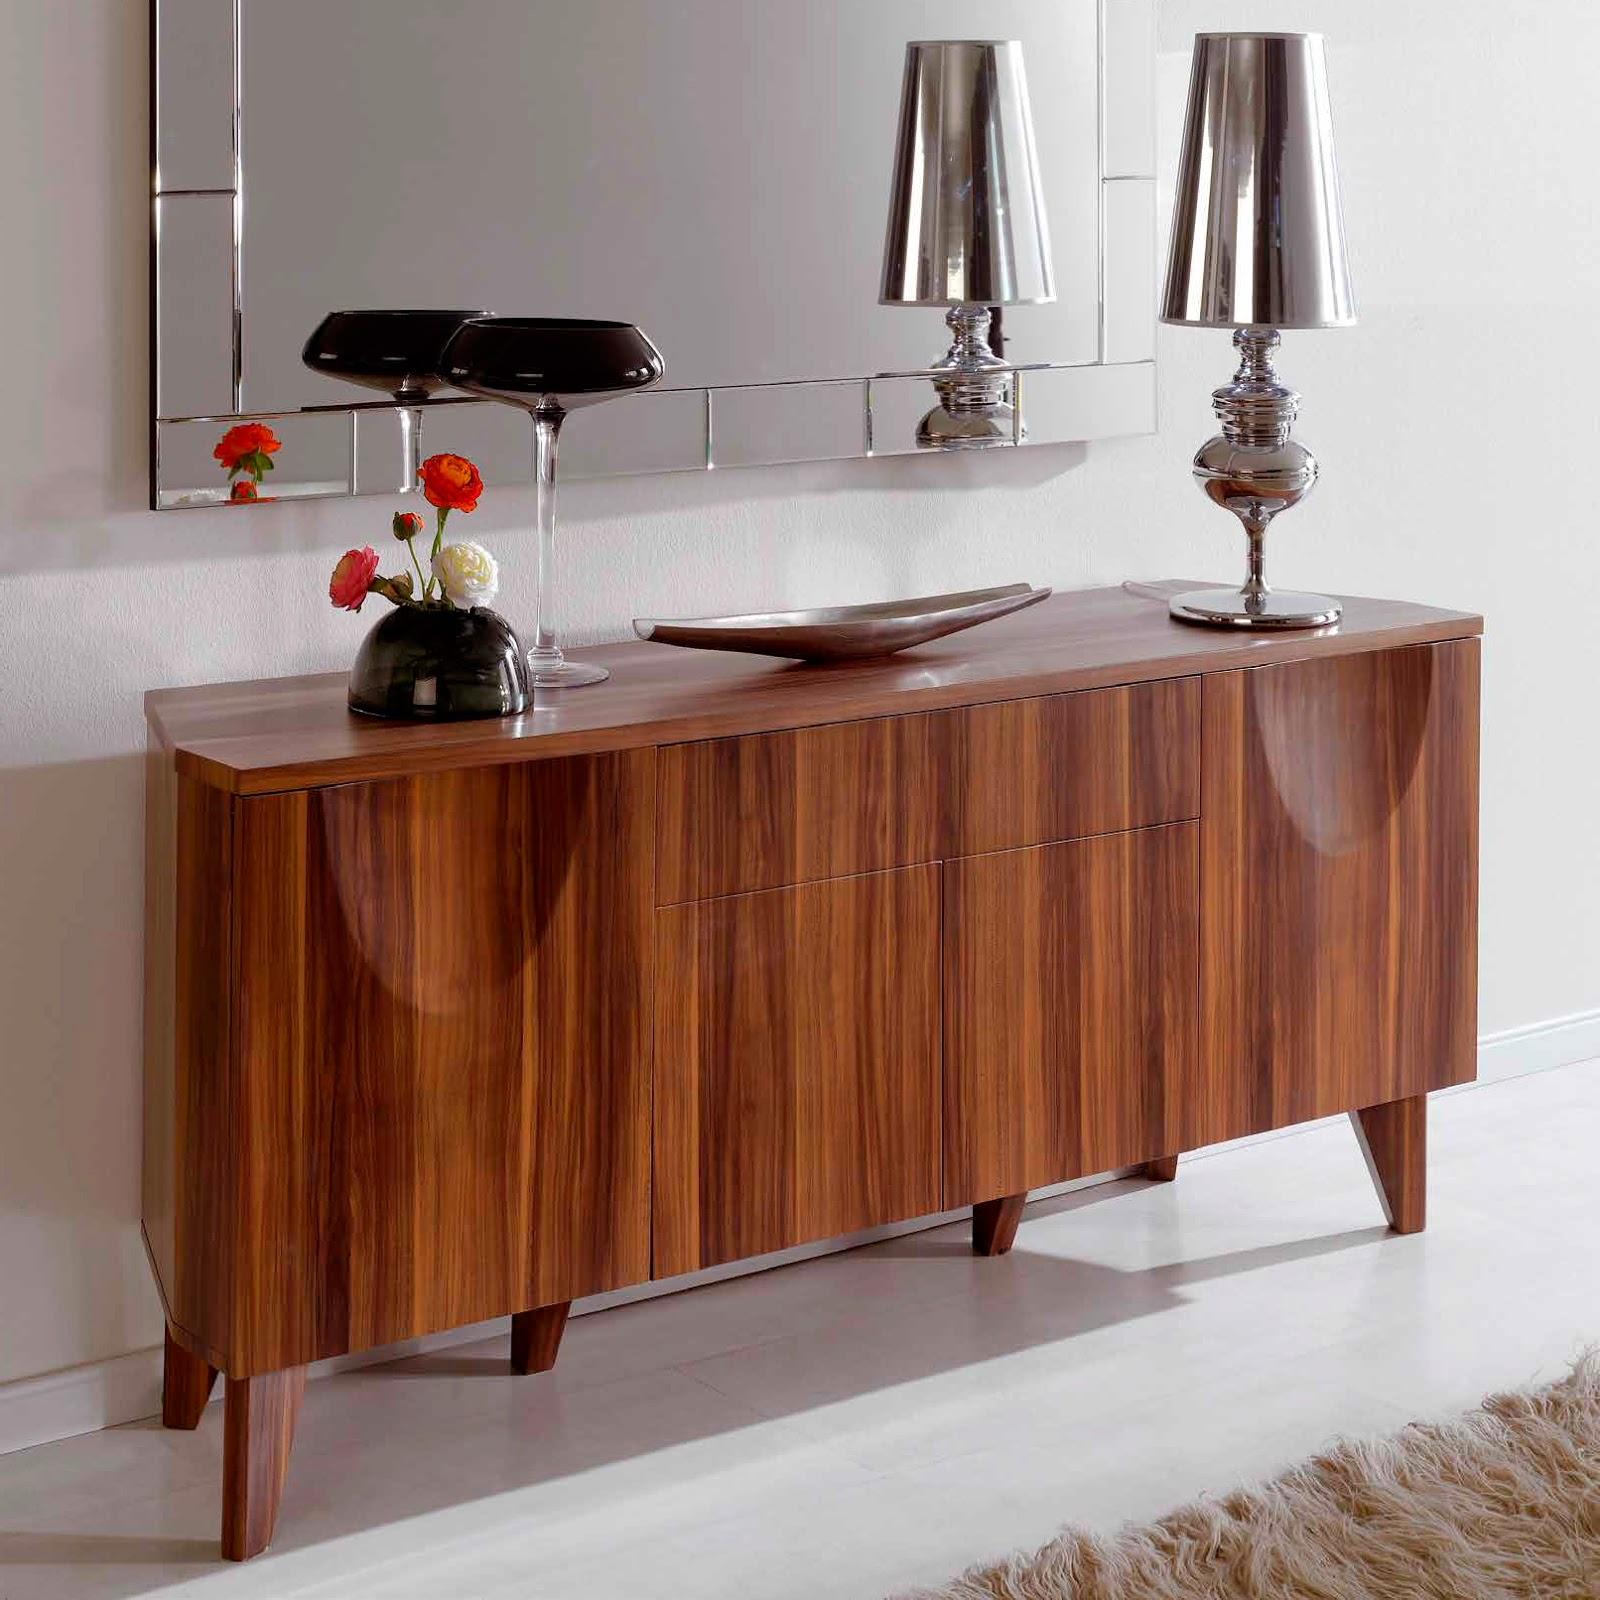 Muebles de comedor aparadores de madera para el comedor for Muebles de comedor en madera